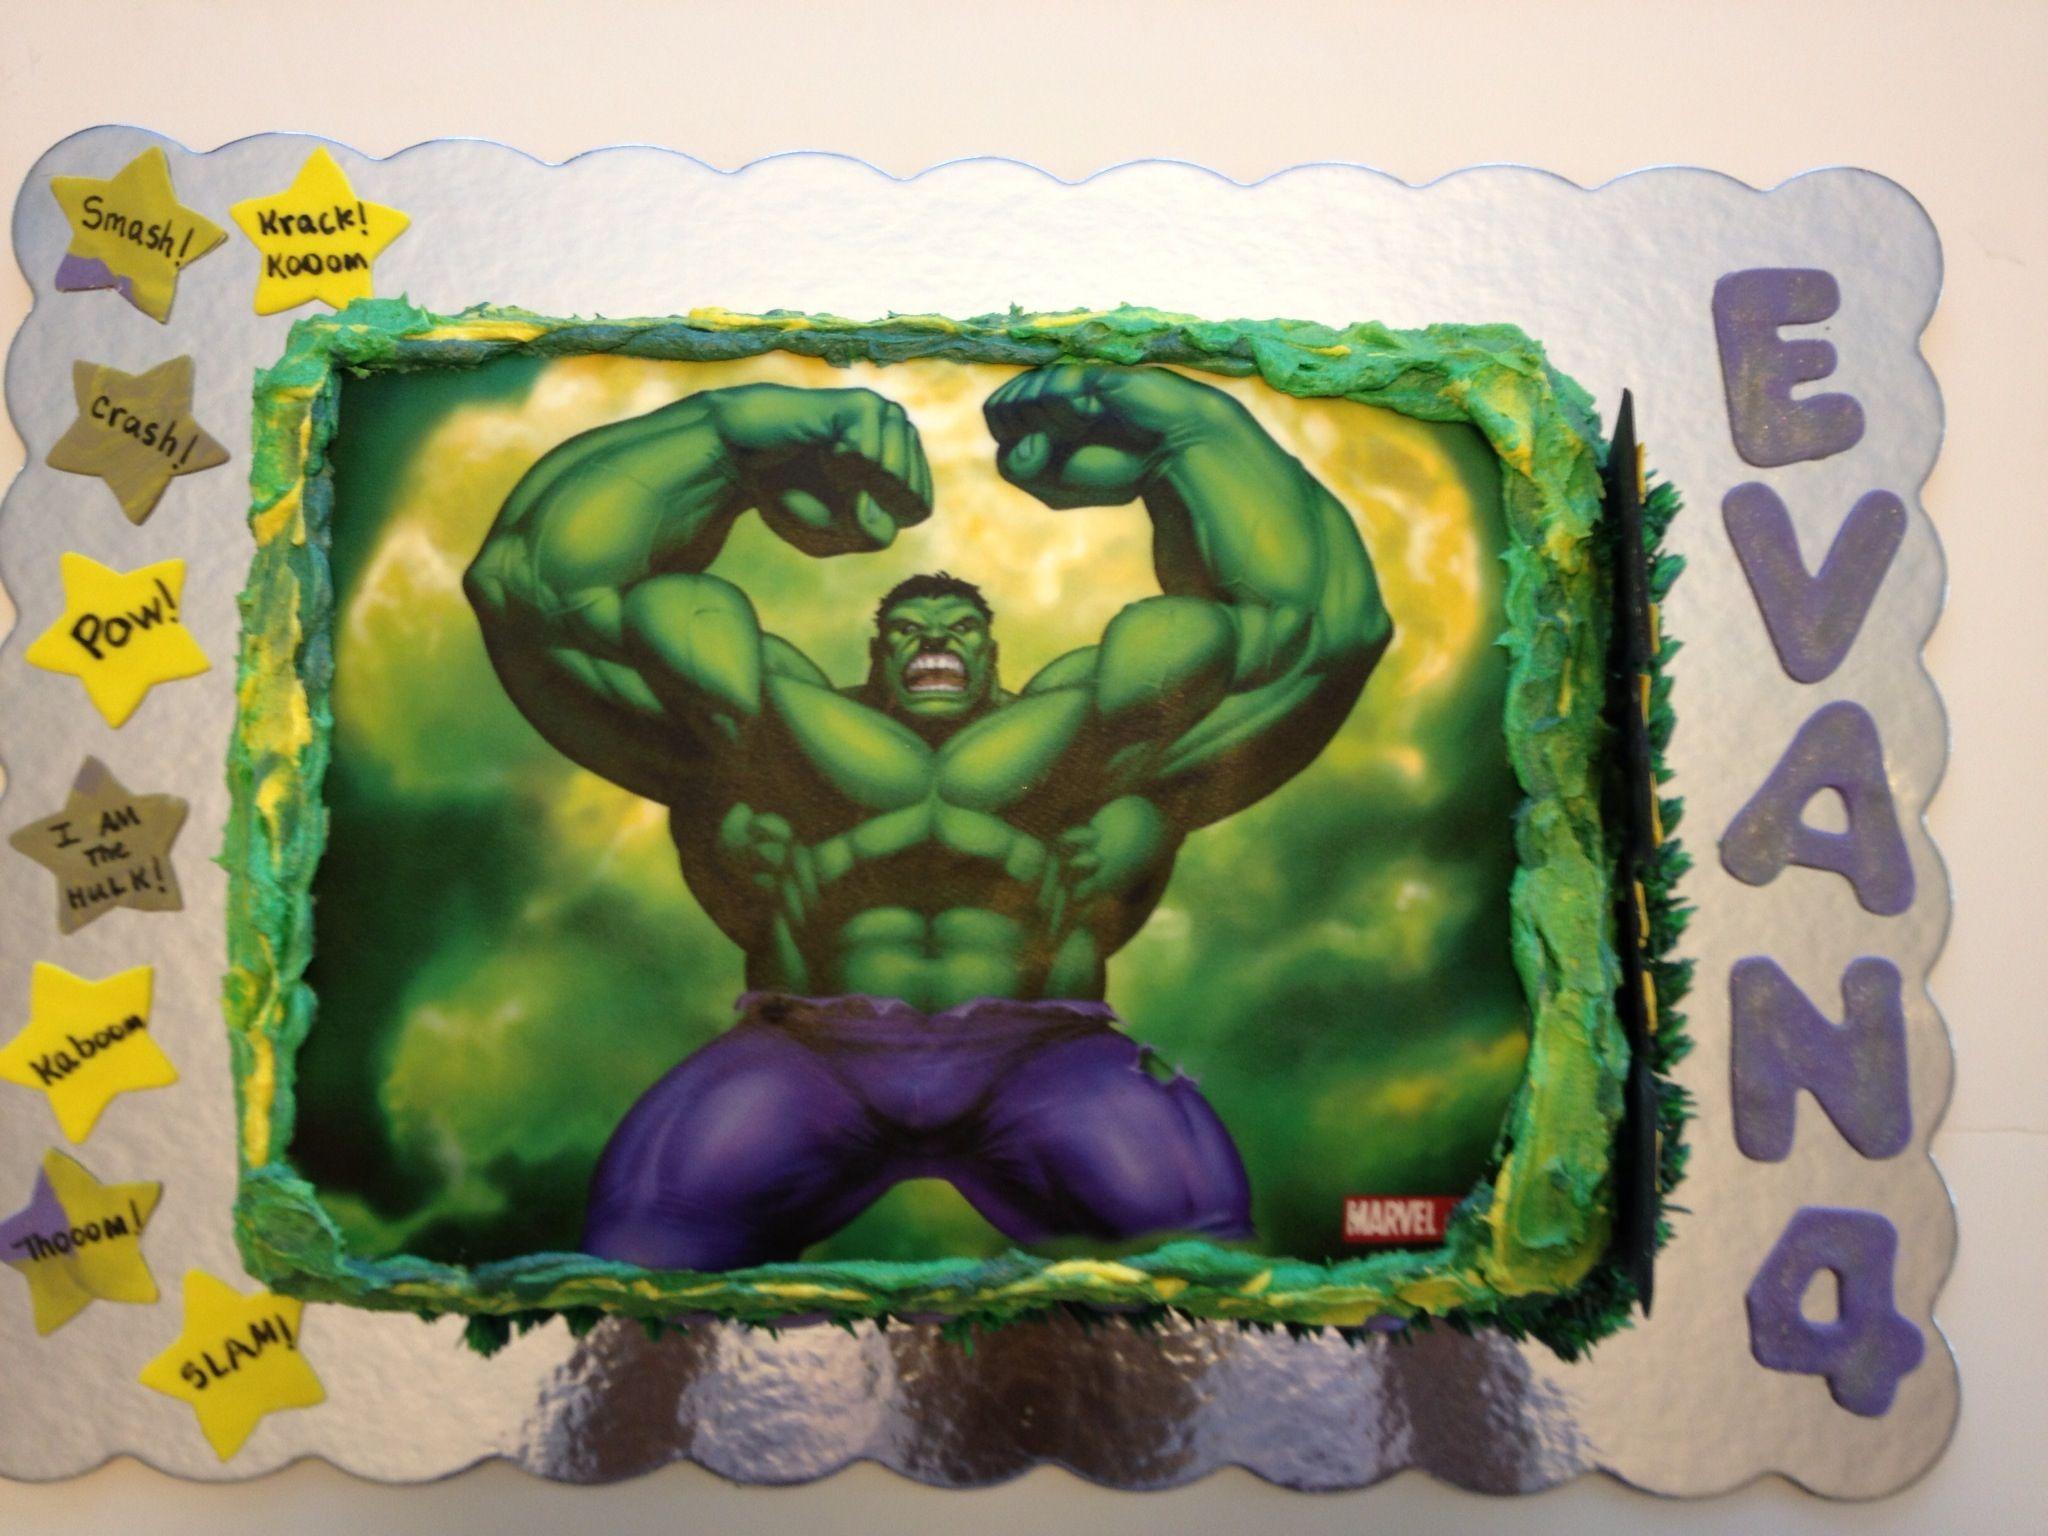 Картинка с халком на торт, открытки дню рождения